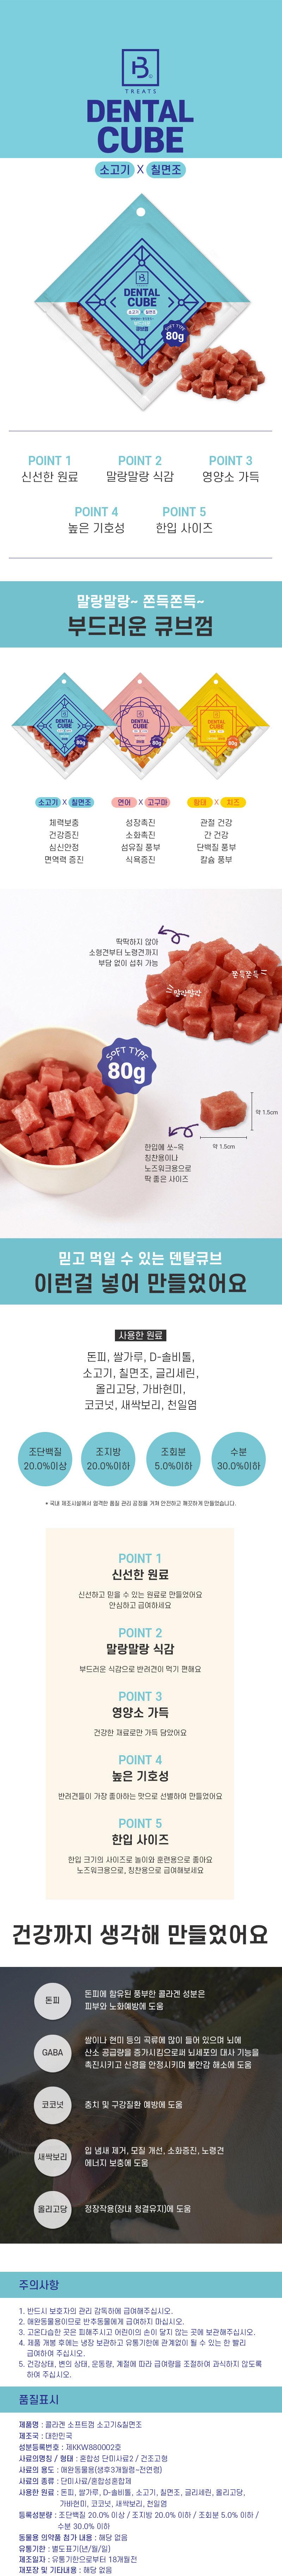 Dental Cube 소고기-칠면조 80g (in) - 더 케이 펫, 5,300원, 간식/영양제, 수제간식